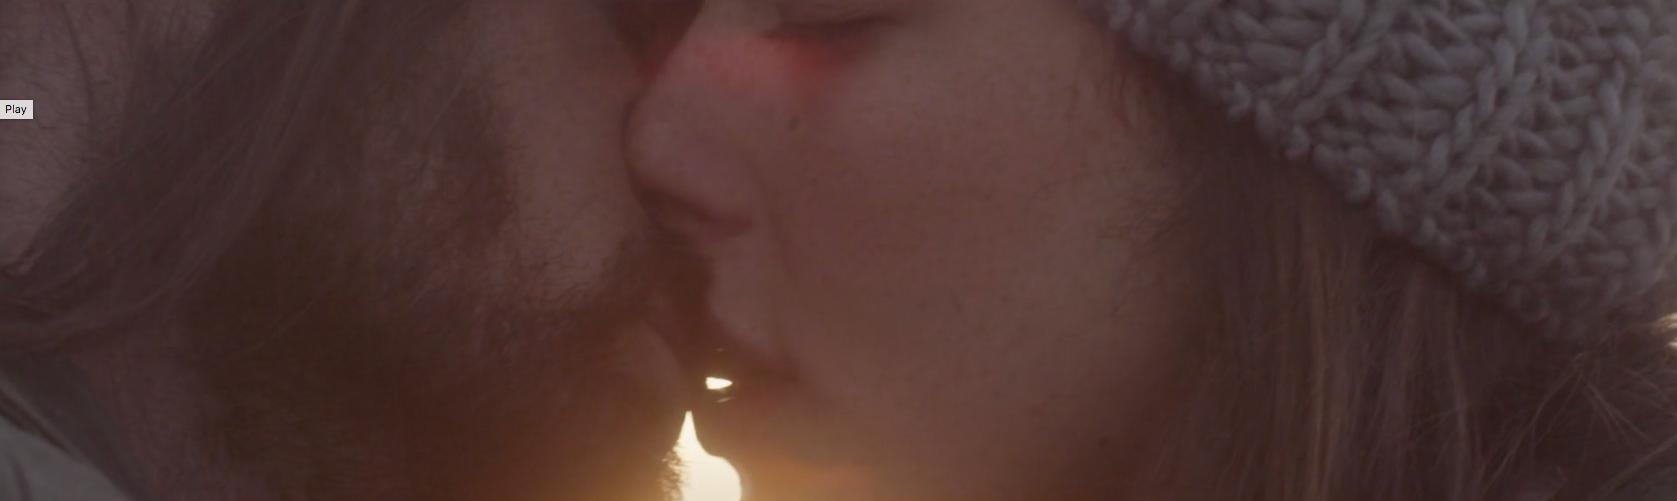 Manuel Portillo - Captura de pantalla 2015-10-26 a las 12.15.52